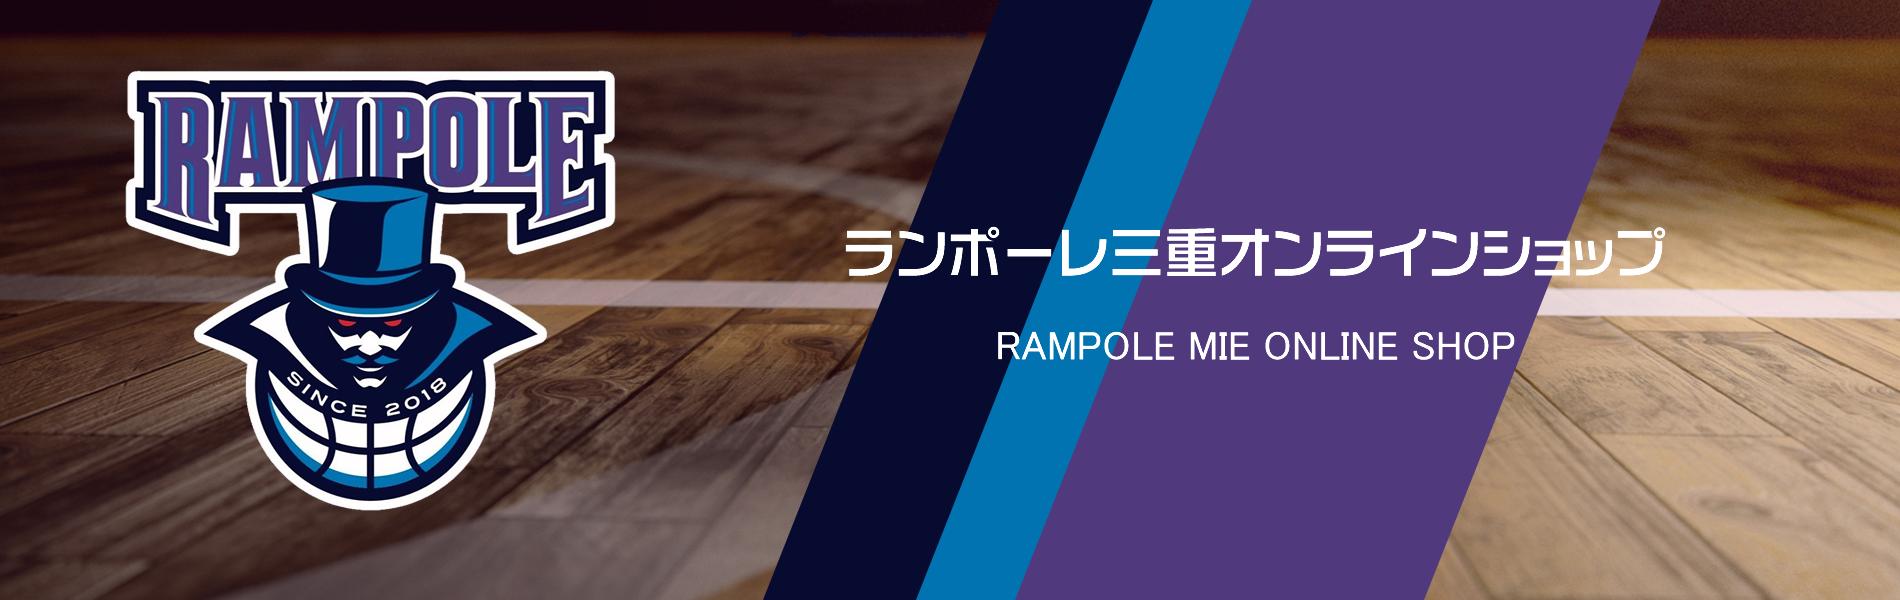 ランポーレ三重オンラインショップ